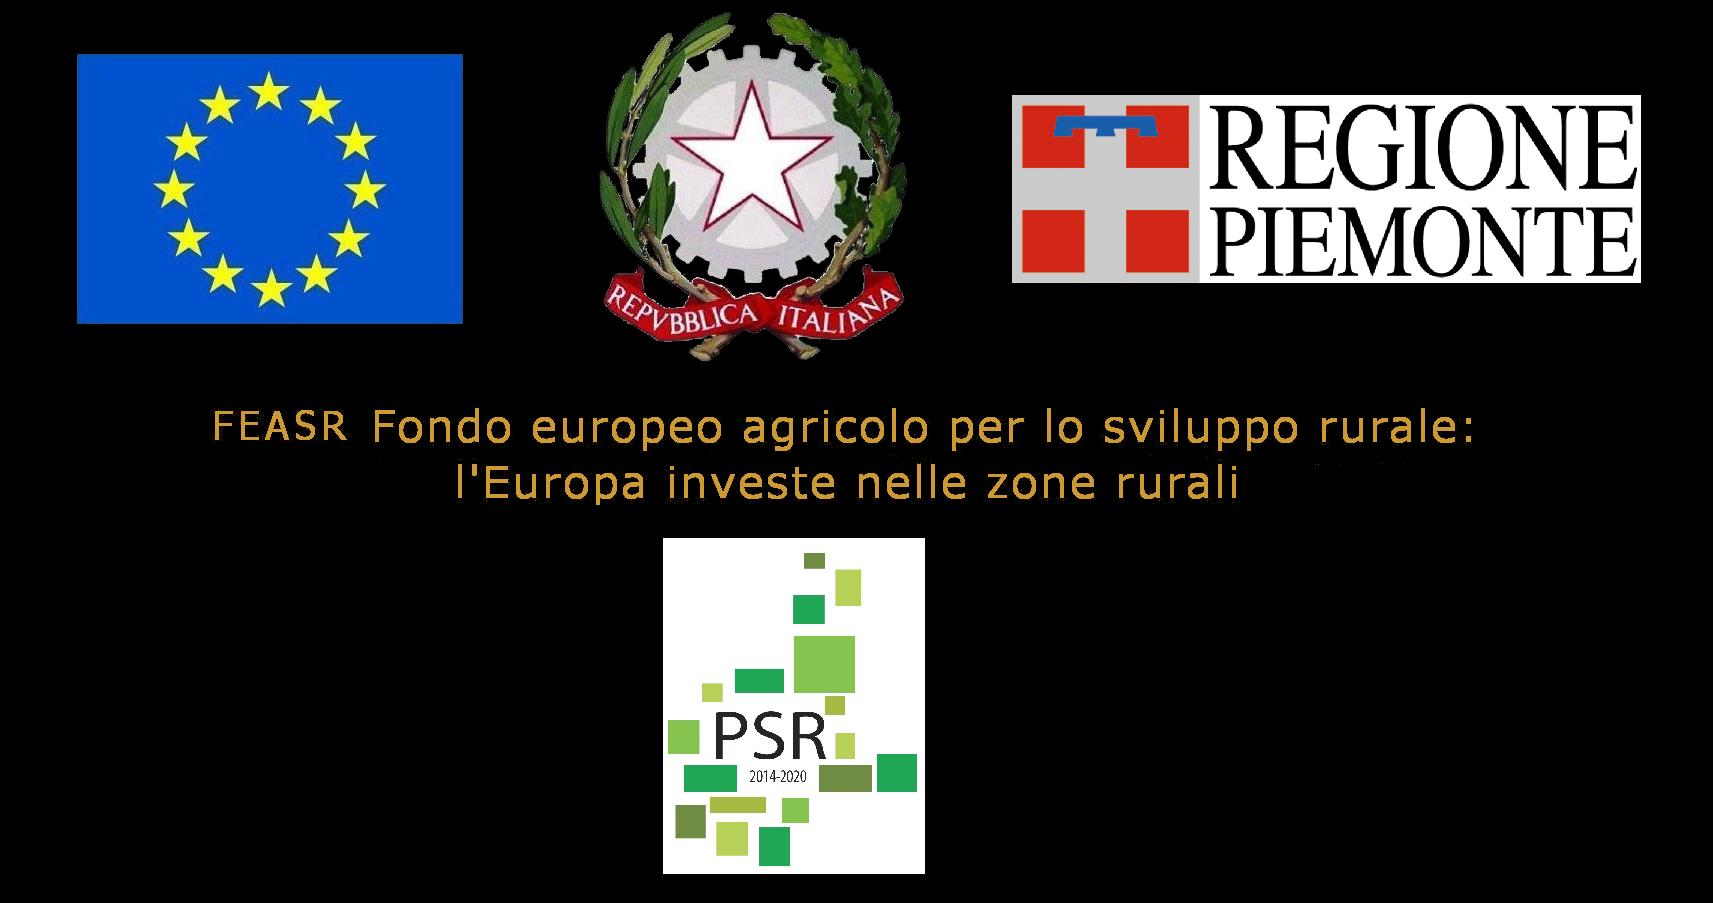 FEASR Fondo europeo agricolo per lo sviluppo rurale